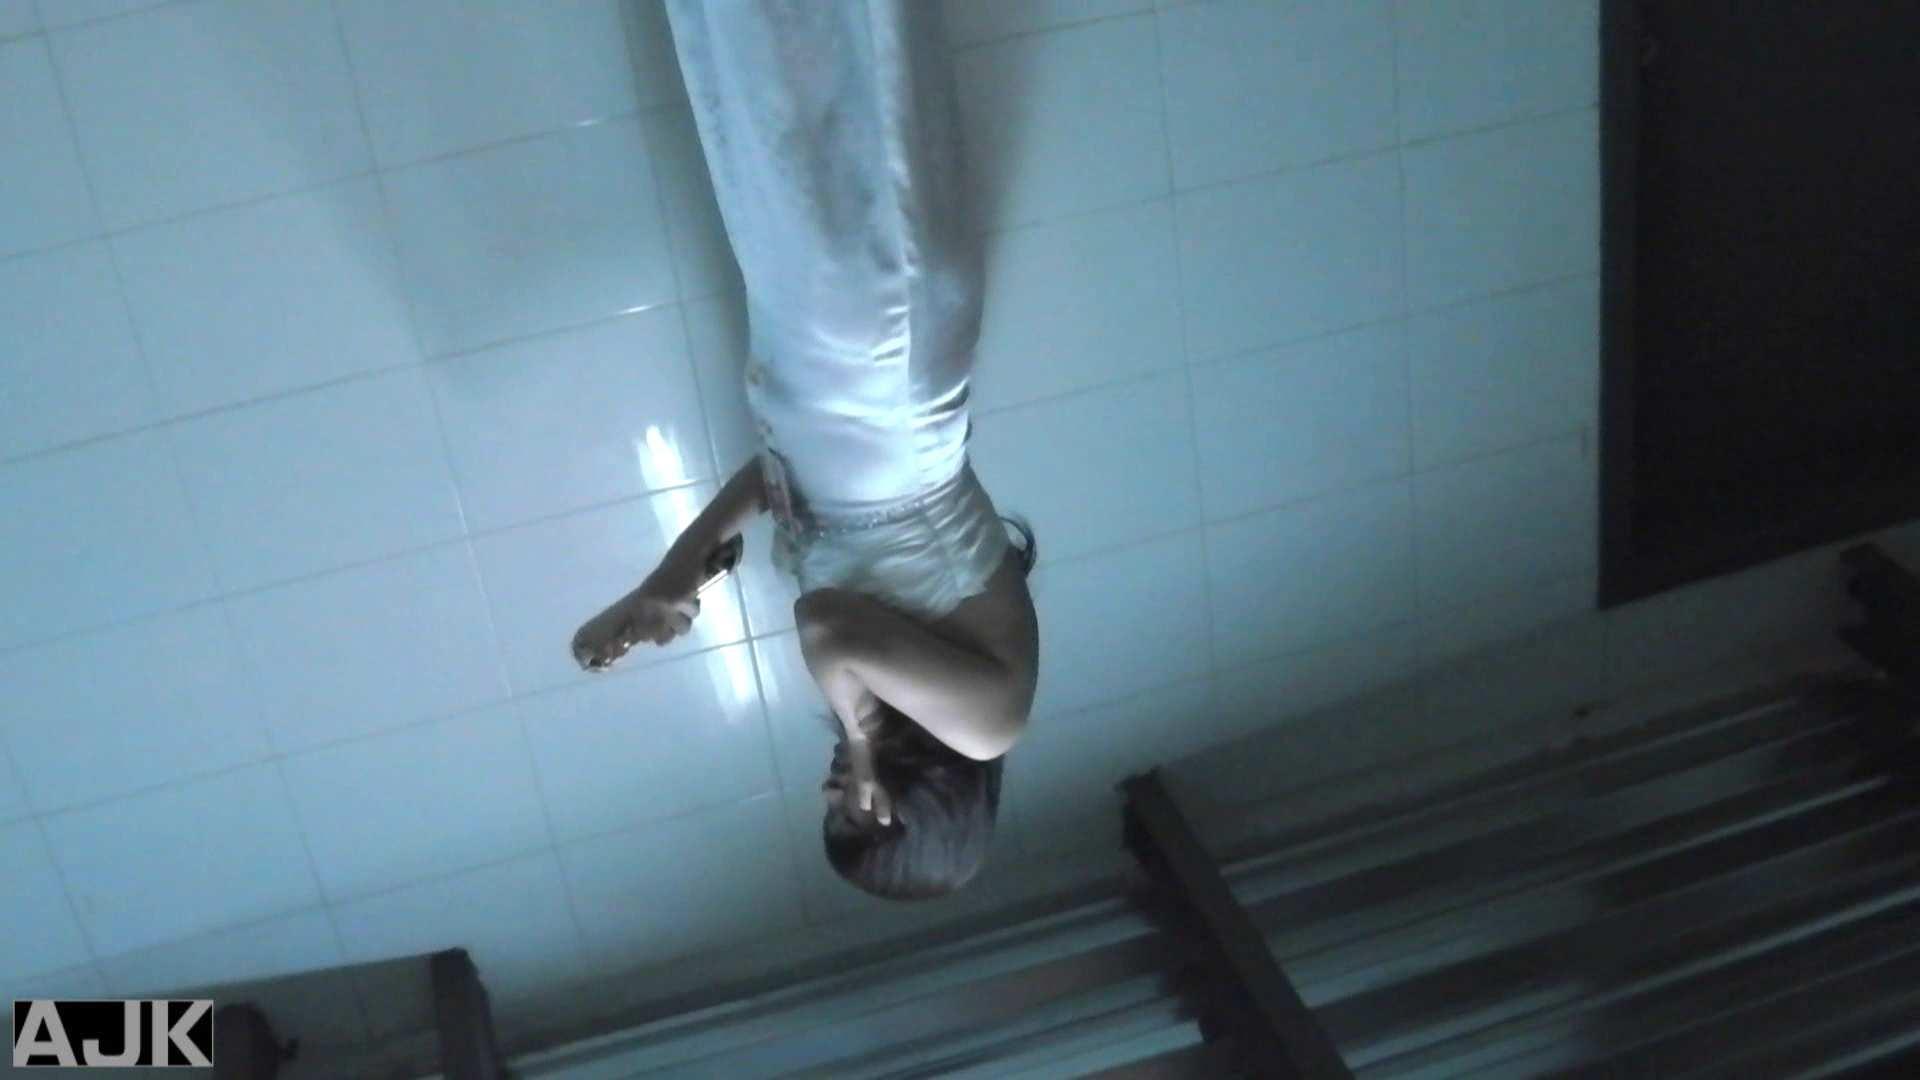 隣国上階級エリアの令嬢たちが集うデパートお手洗い Vol.25 マンコ おまんこ動画流出 94枚 59